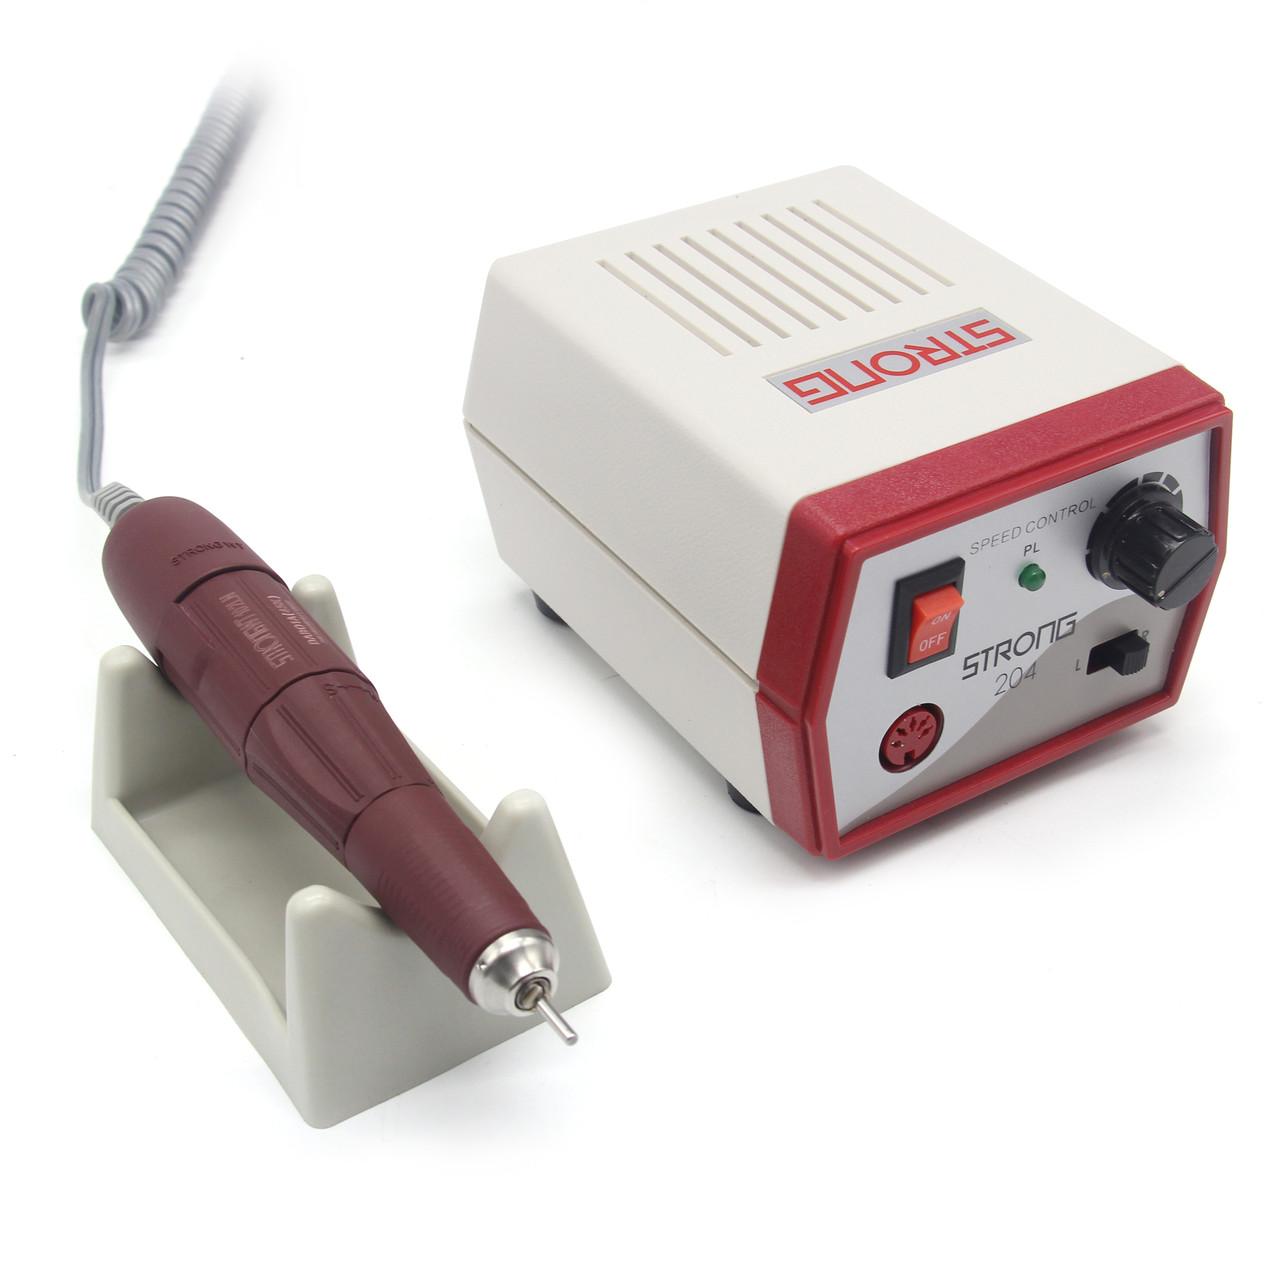 Аппарат для маникюра и педикюра Strong 204 красный